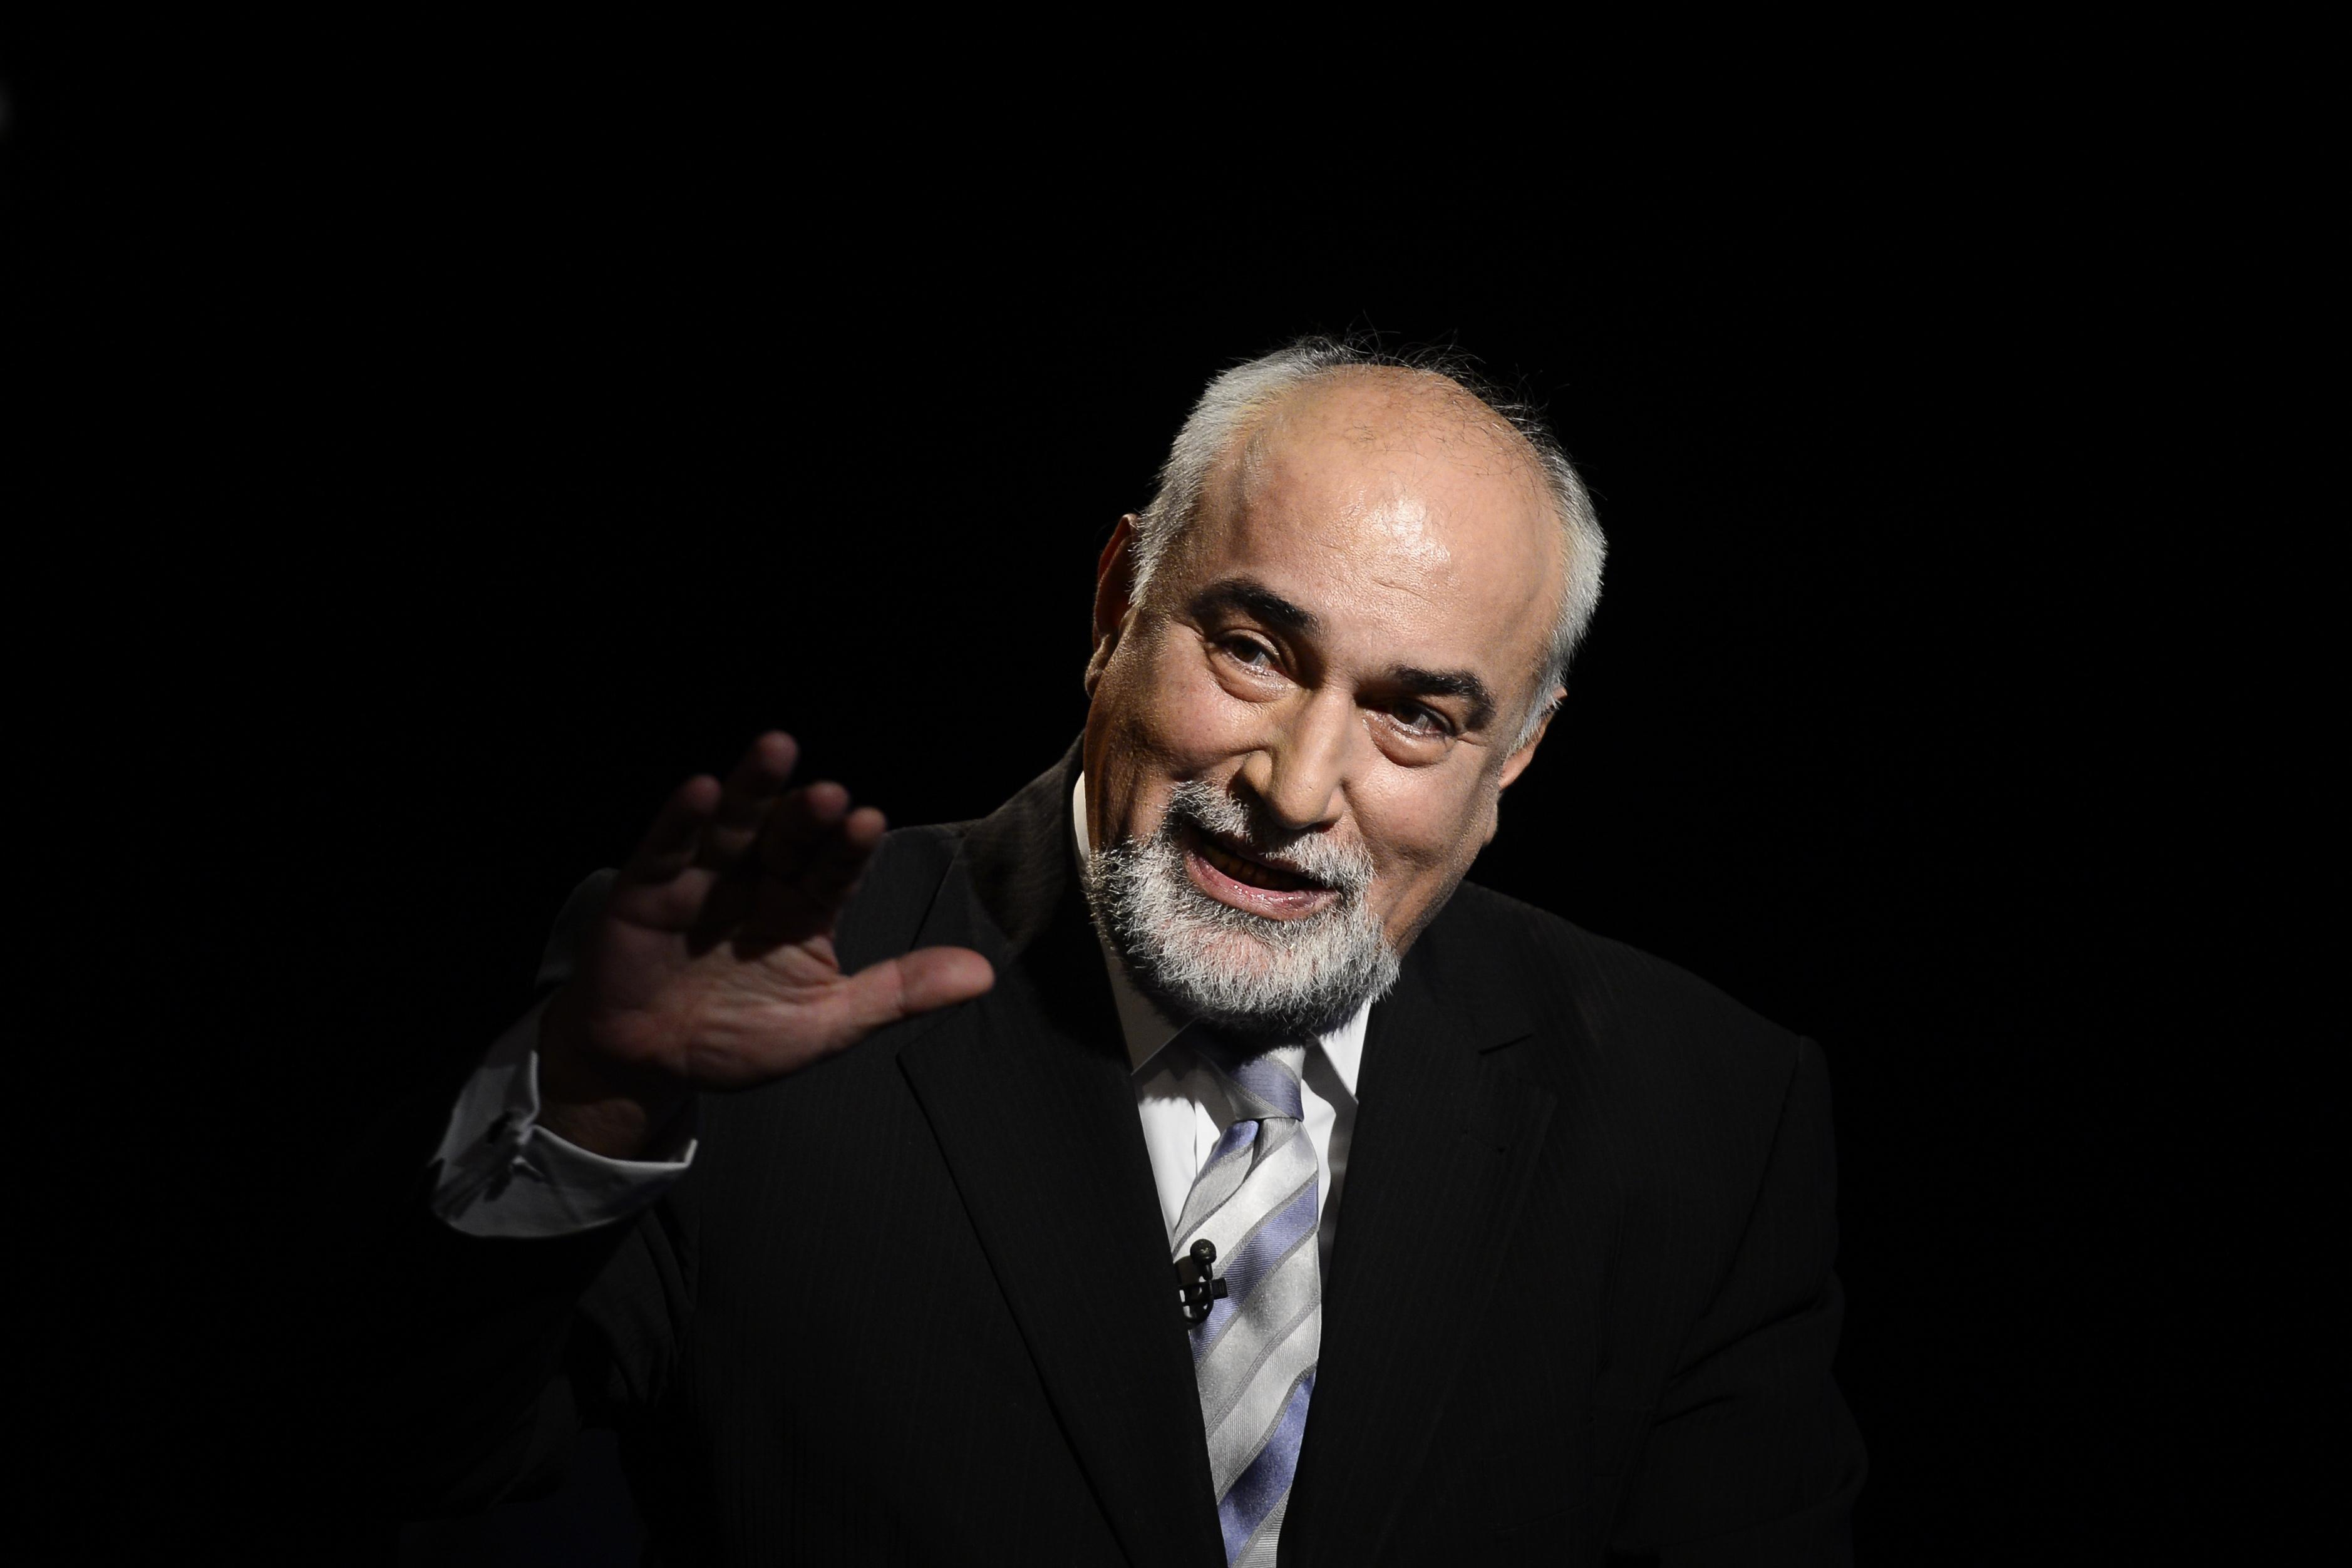 Senatorul PNL Varujan Vosganian a fost propus de Uniunea Scriitorilor din Armenia pentru premiul Nobel pentru literatura